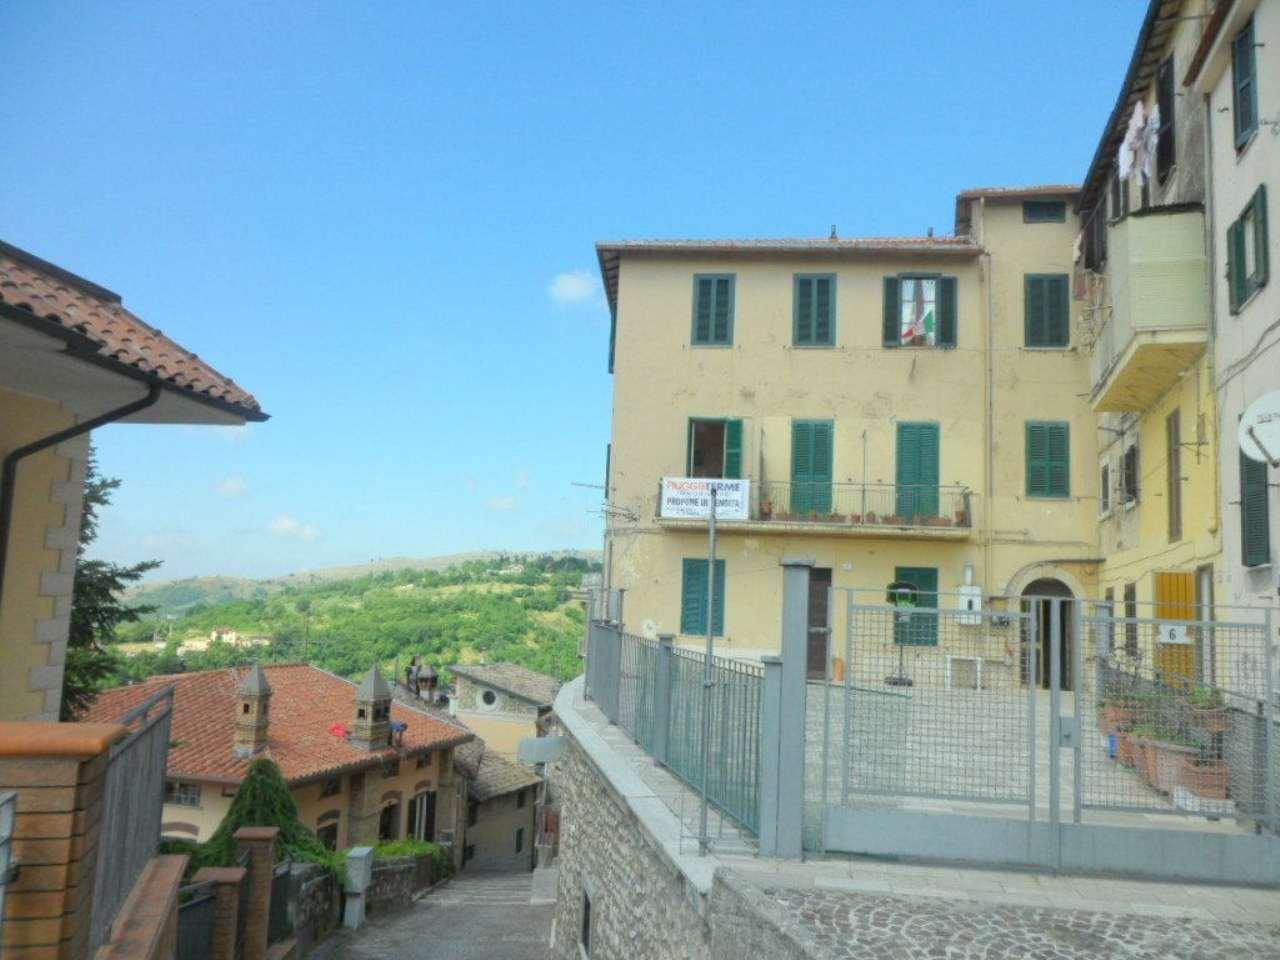 Appartamento in vendita a Fiuggi, 3 locali, prezzo € 33.000 | Cambio Casa.it